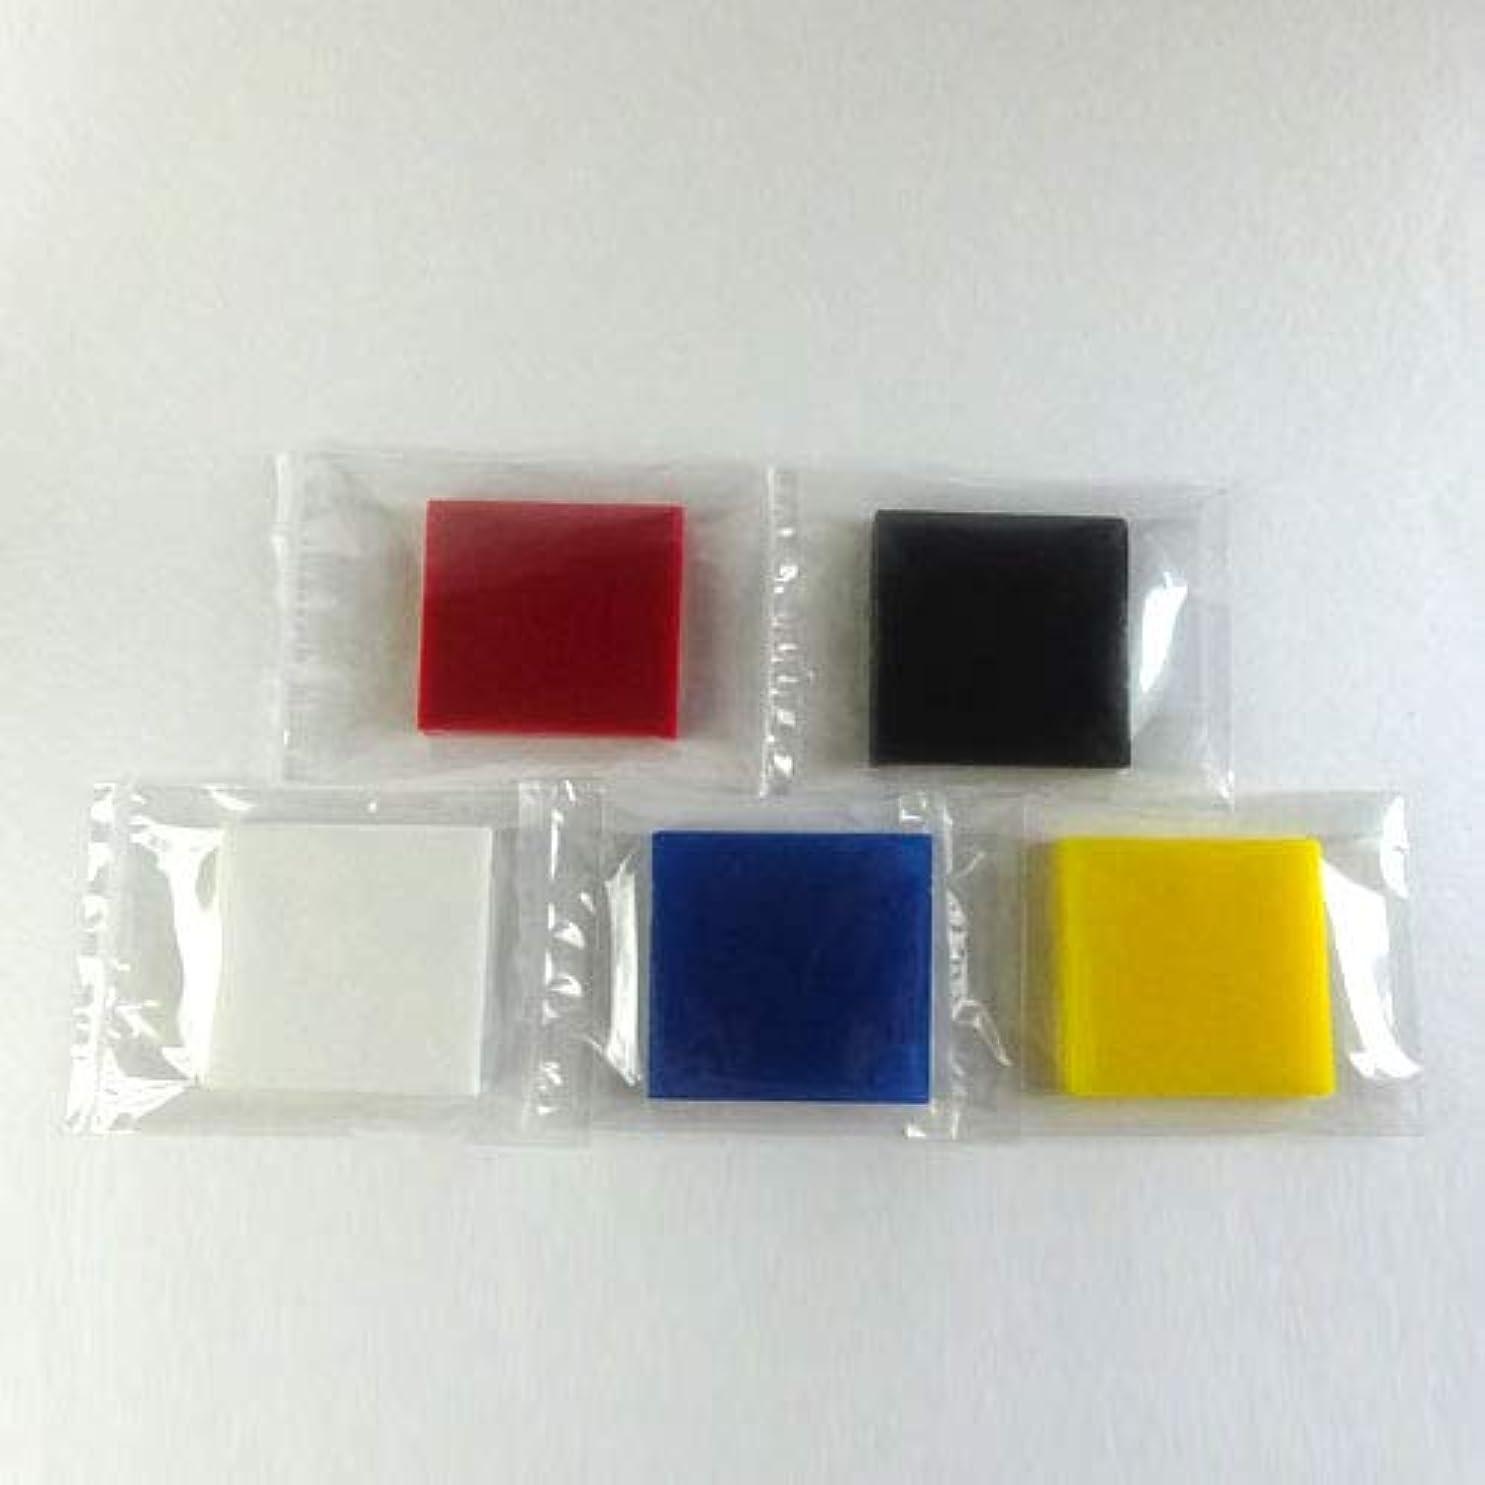 ジェット軽減警察グリセリンソープ MPソープ 色チップ 5色(赤?青?黄?白?黒) 各30g